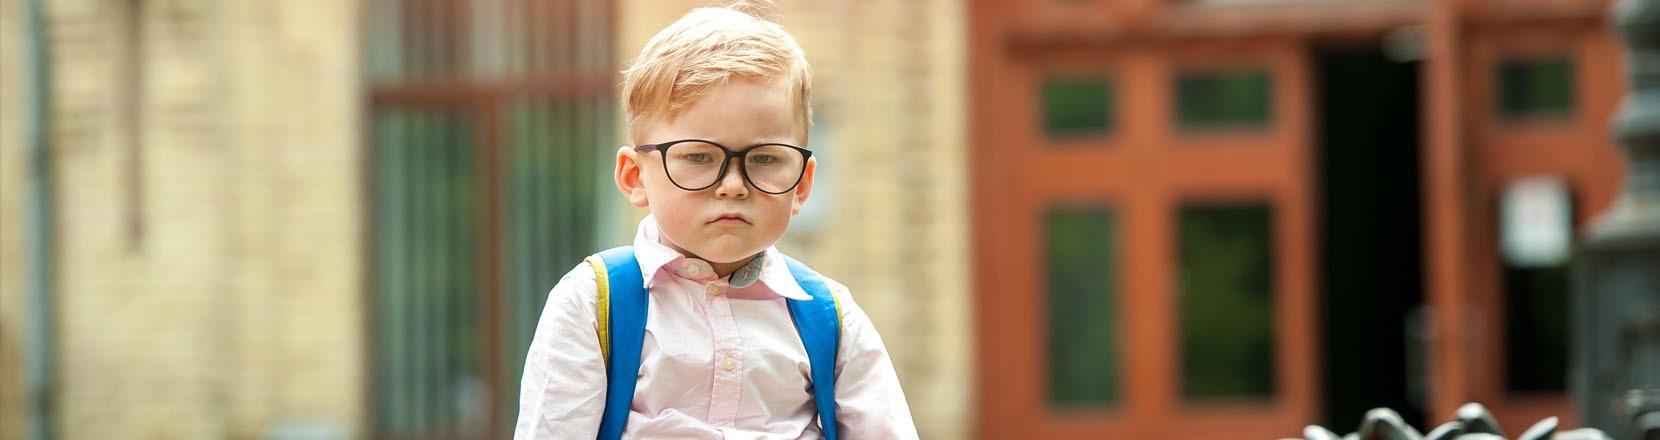 Bambino serio e arrabbiato